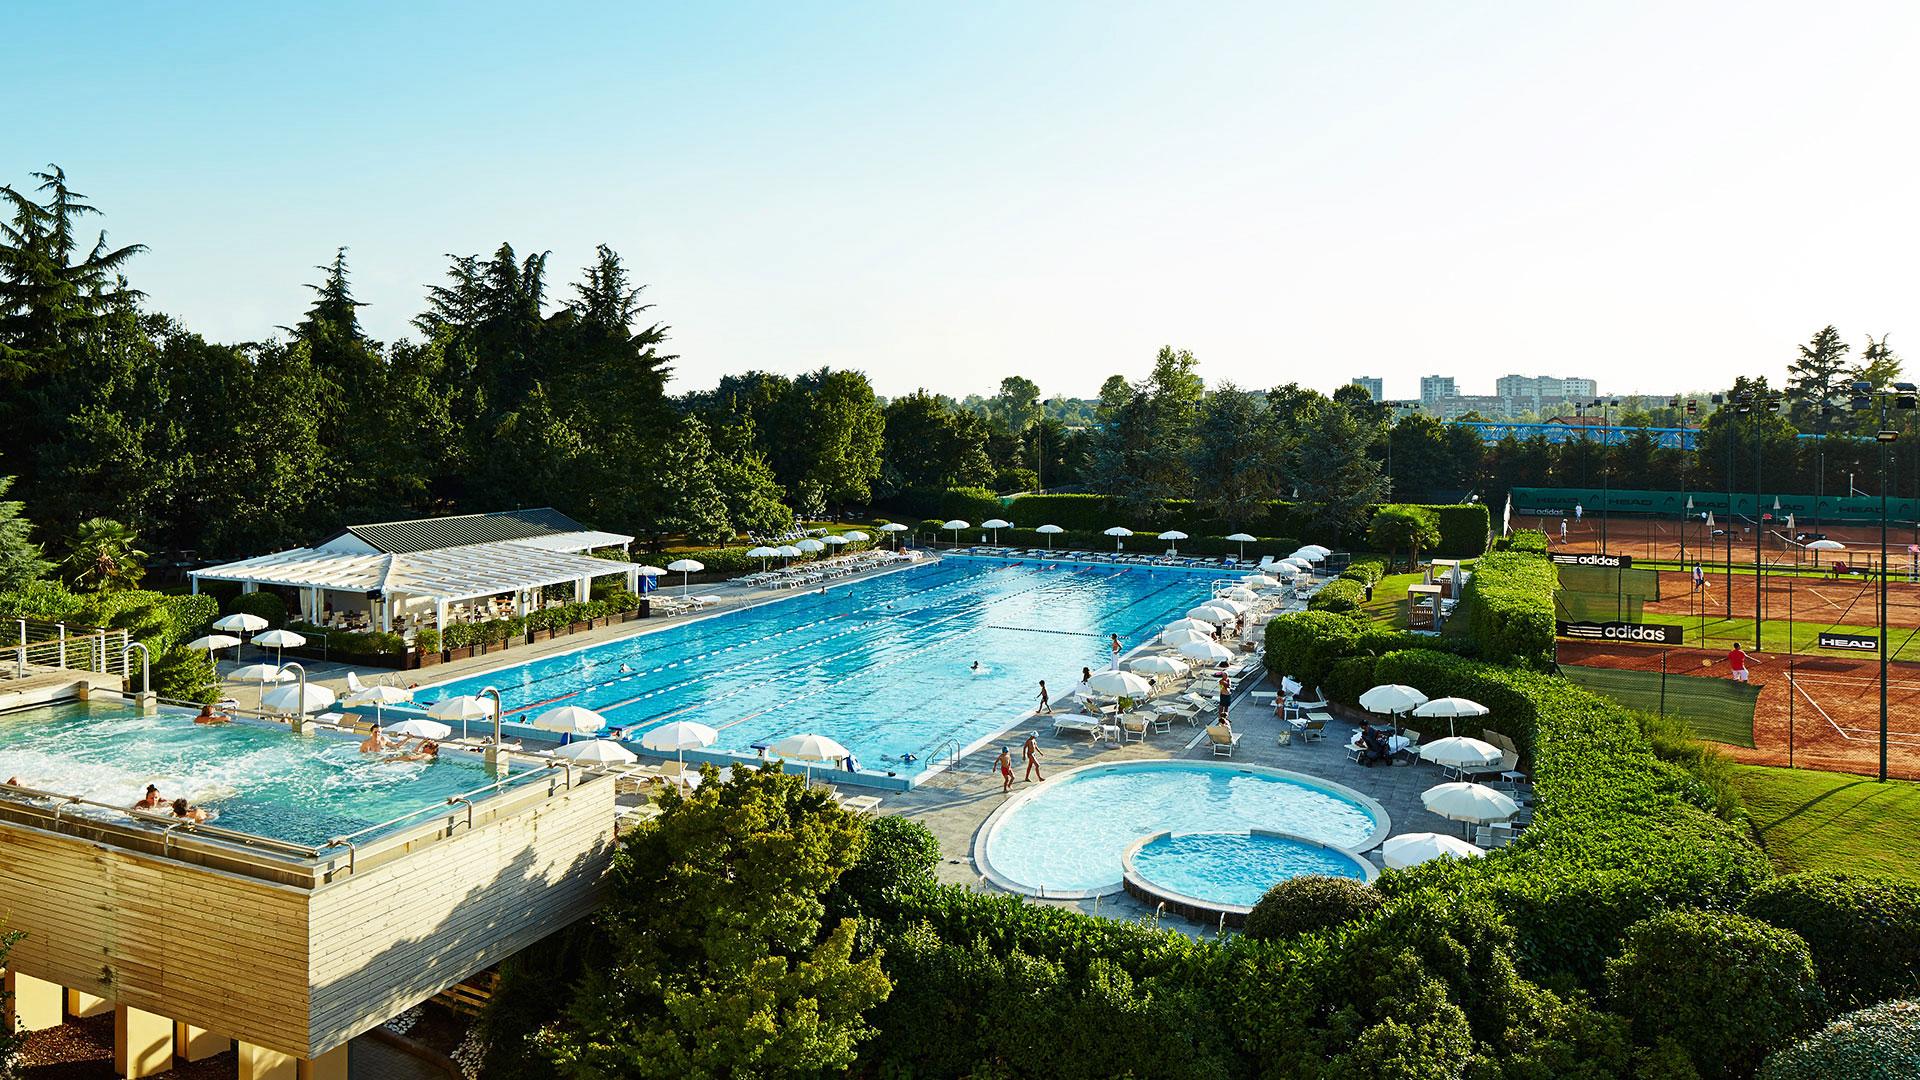 Aspria harbour club milano zero - Palestre con piscina torino ...